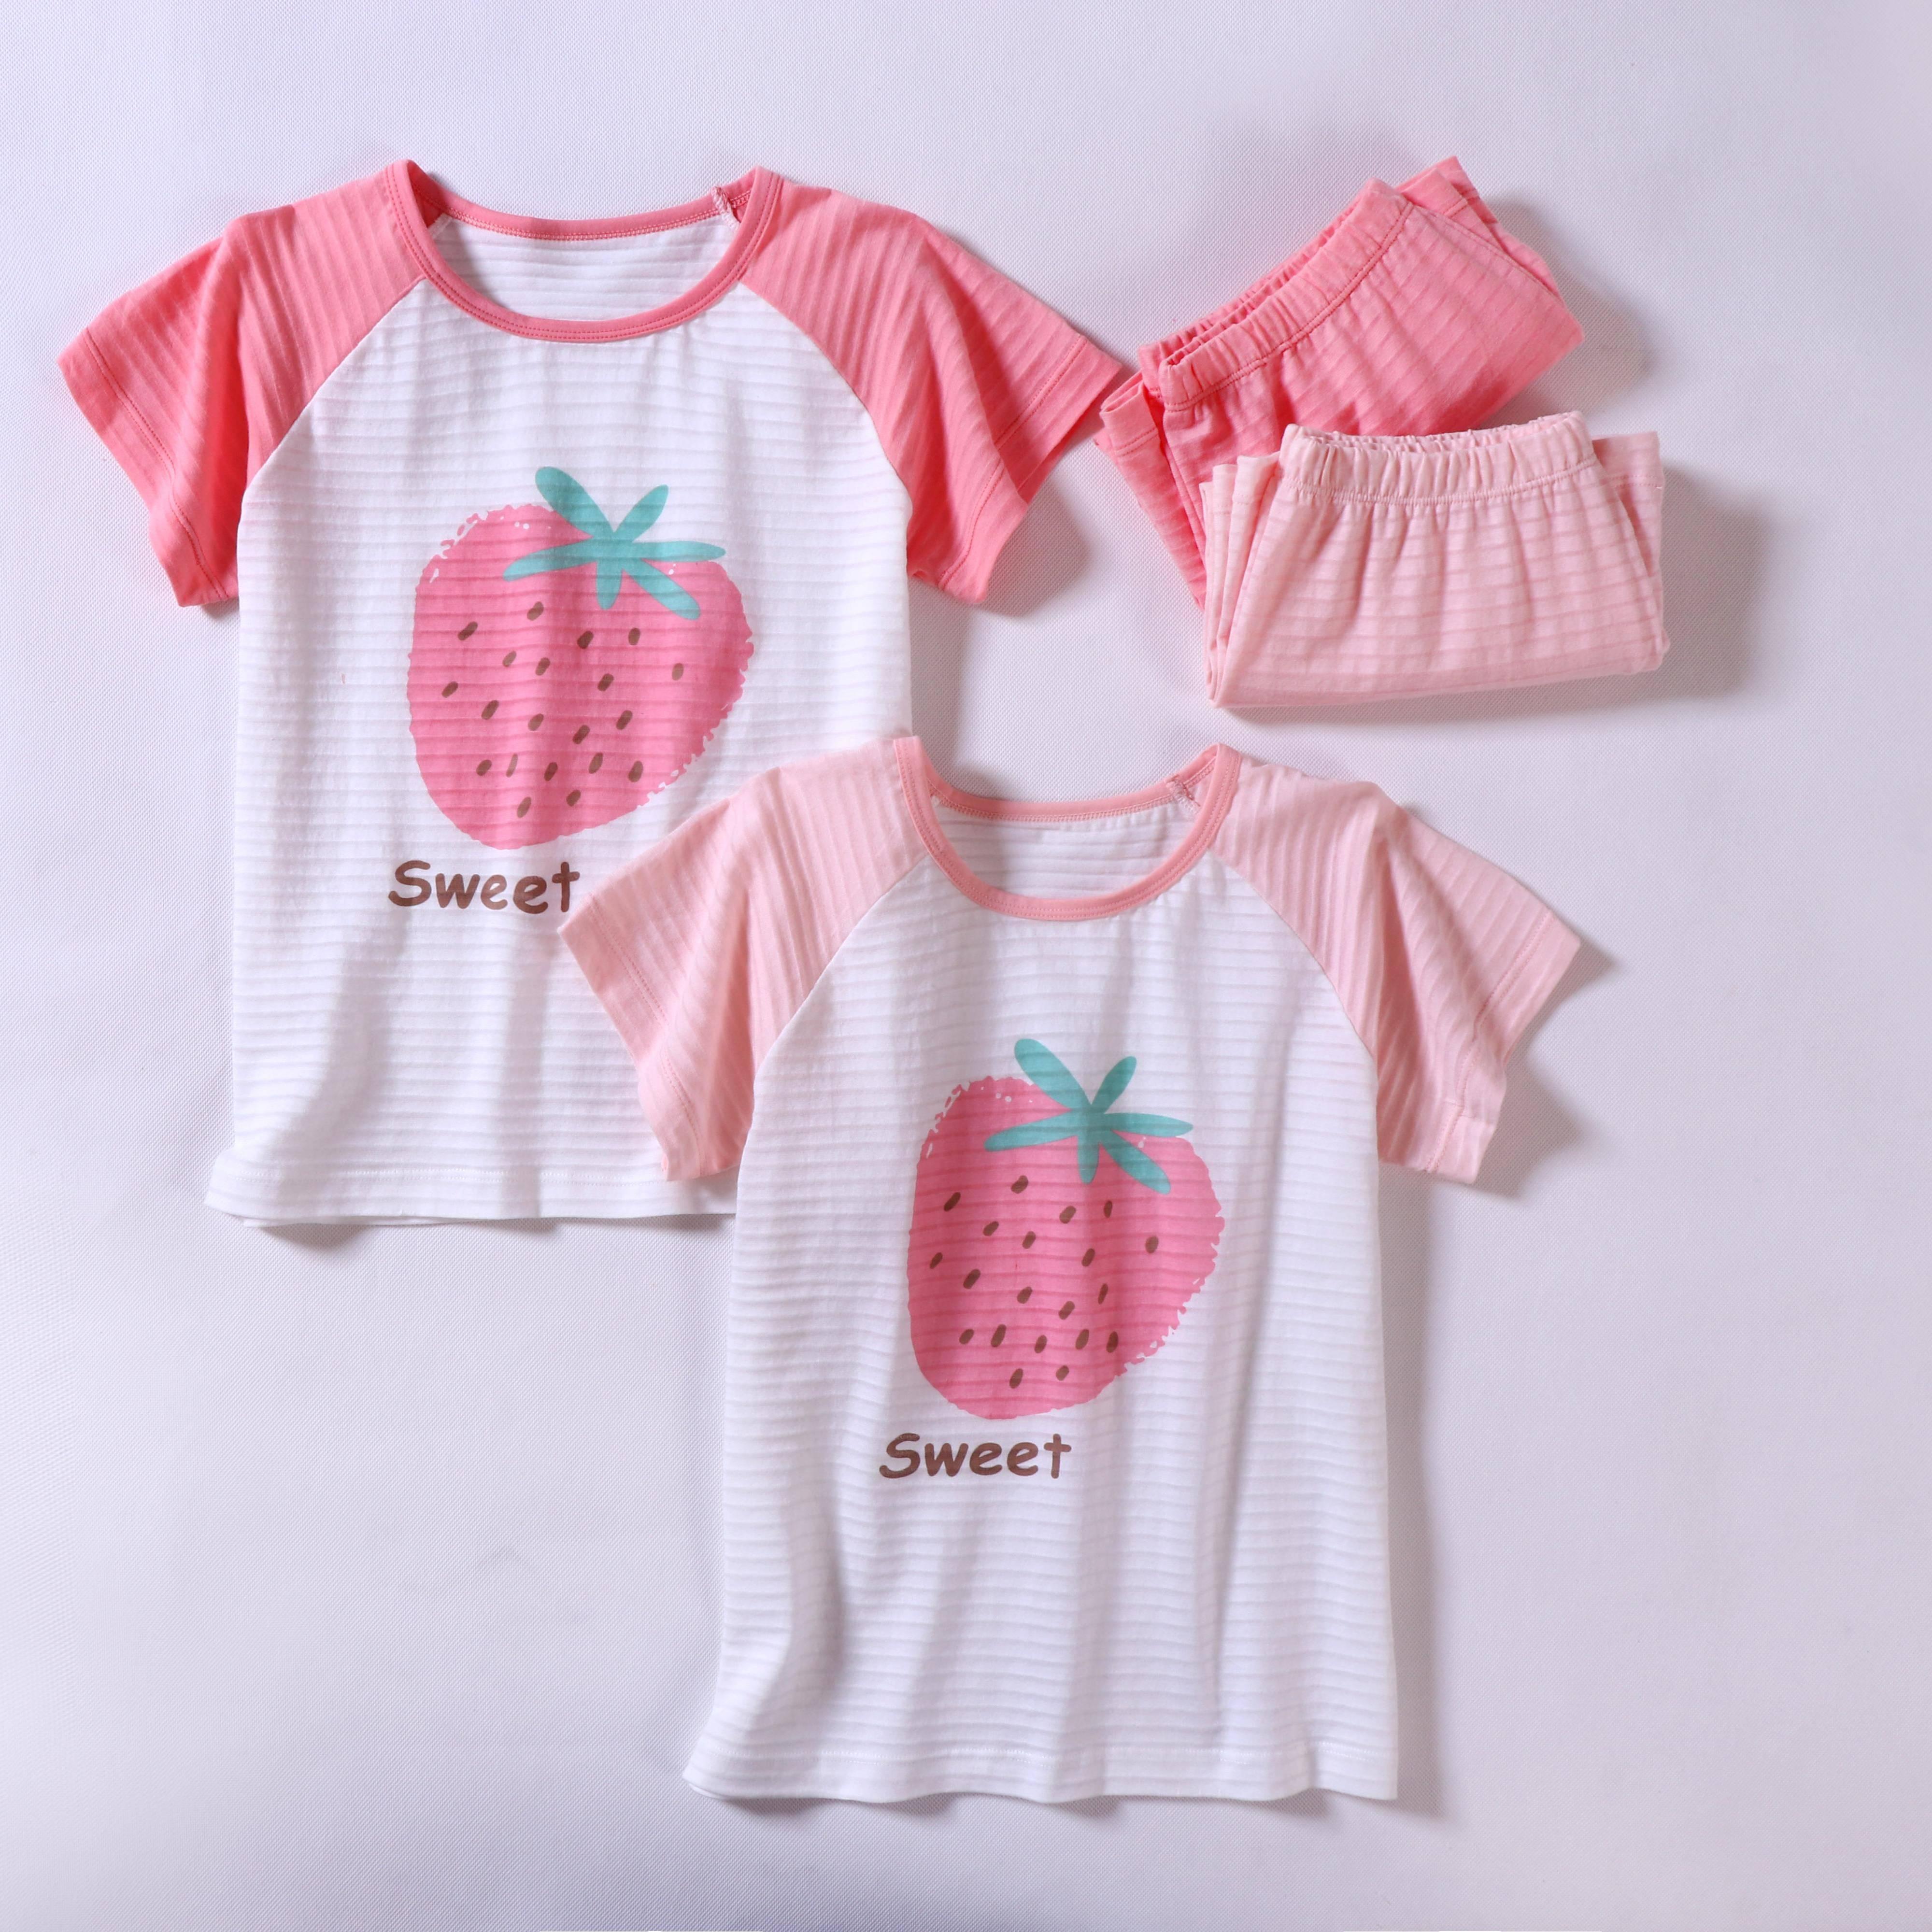 Детские пижамные комплекты, костюм для сна для малышей, футболка с коротким рукавом и рисунком клубники для девочек, милая Пижама для девочек-подростков